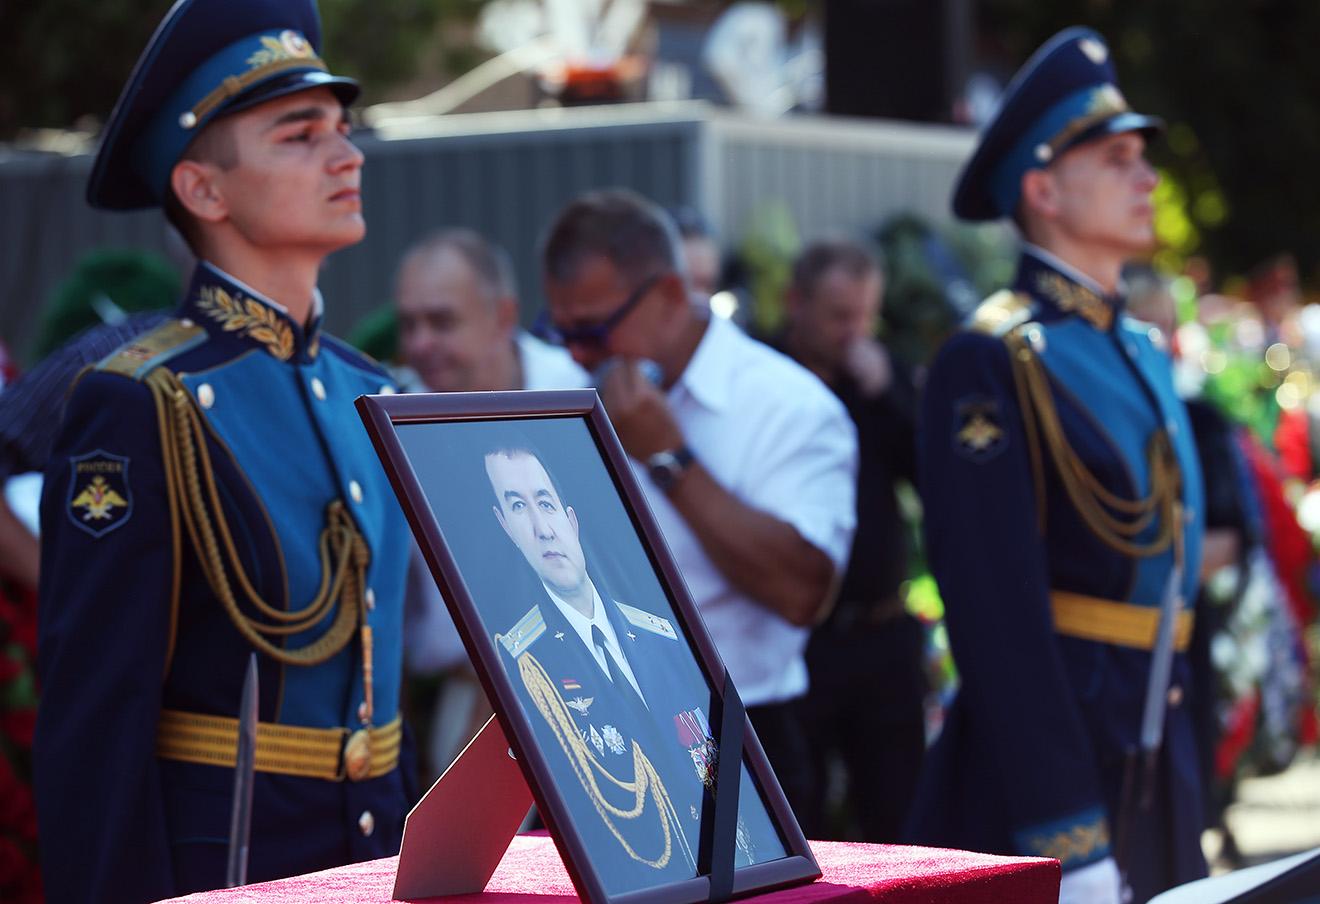 На церемонии прощания с погибшим в Сирии российским военным летчиком-инструктором Ряфагатем Хабибулиным в городе Кореновске, 12 июля 2016 года.